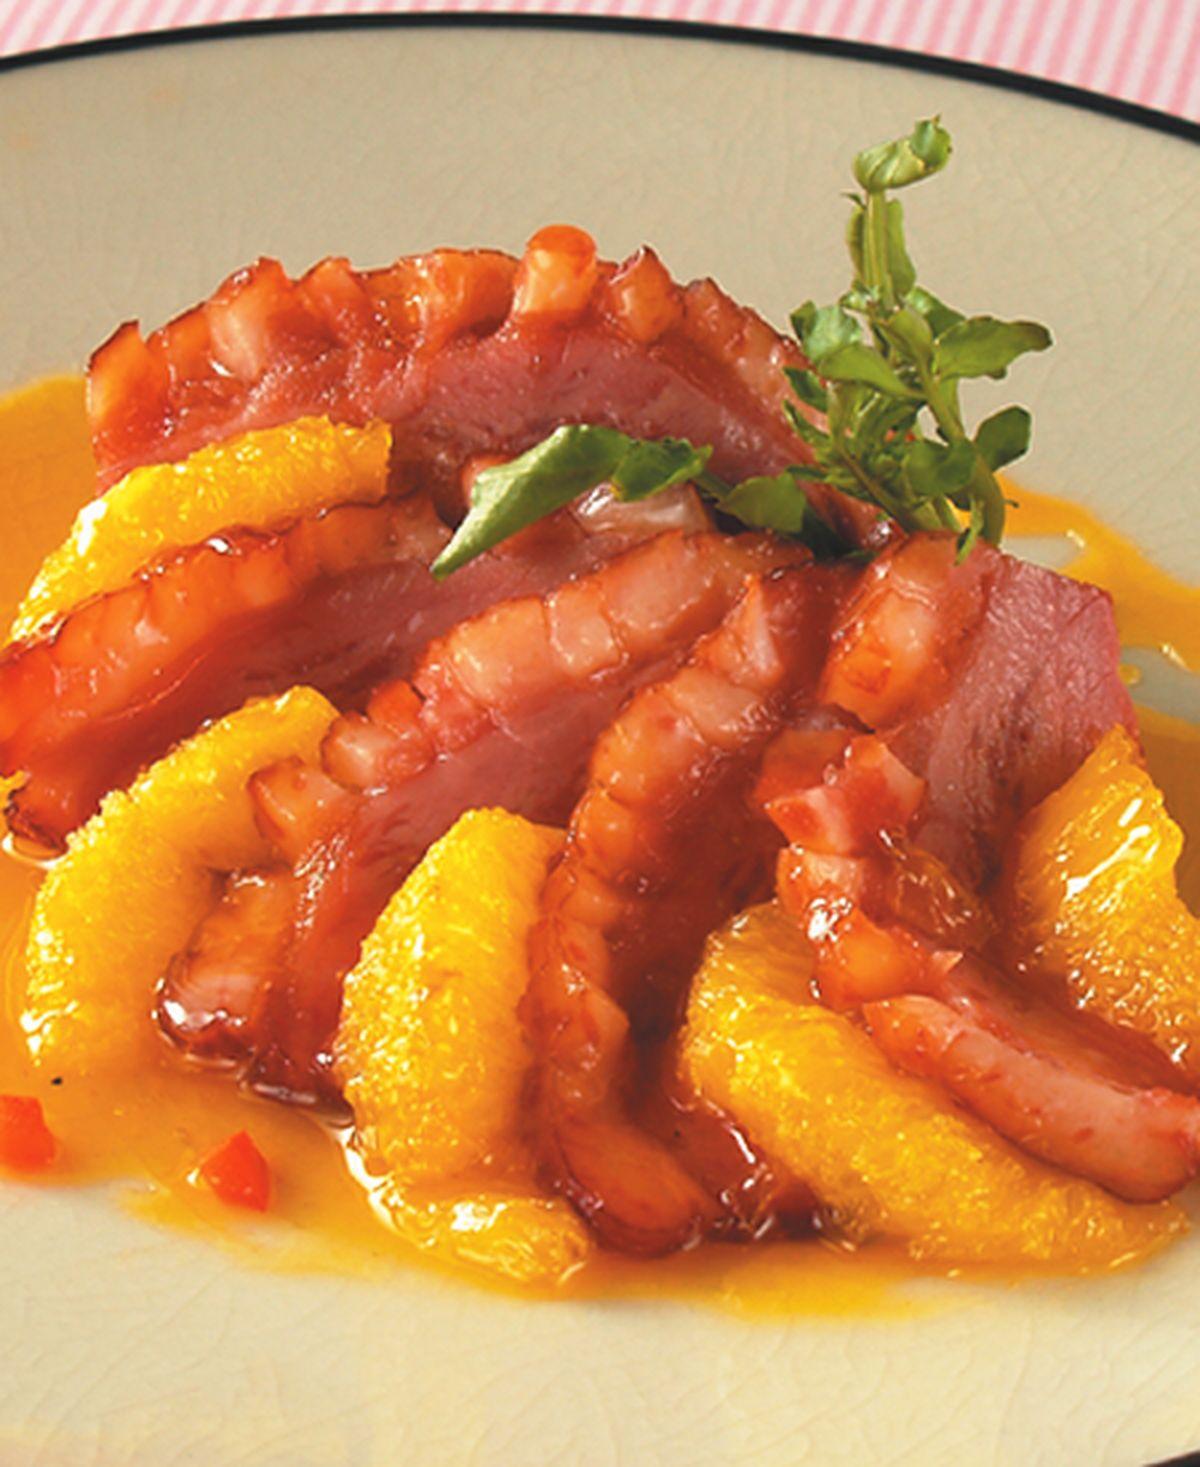 食譜:法式橙汁鴨胸